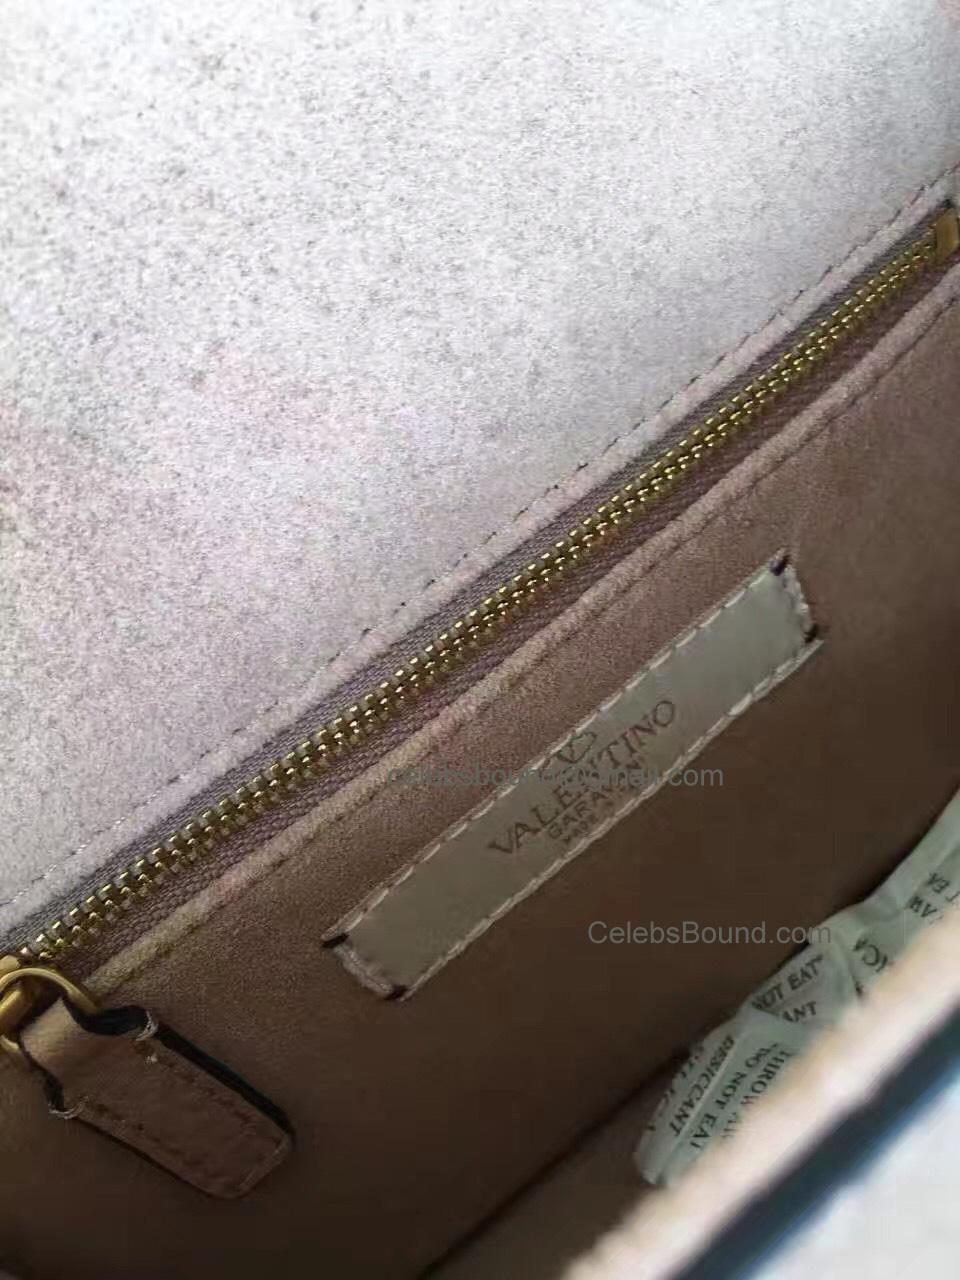 5ec7ed05ae418 Replica Valentino Garavani Skin Color Small Chain Cross Body Bag Antique  Gold